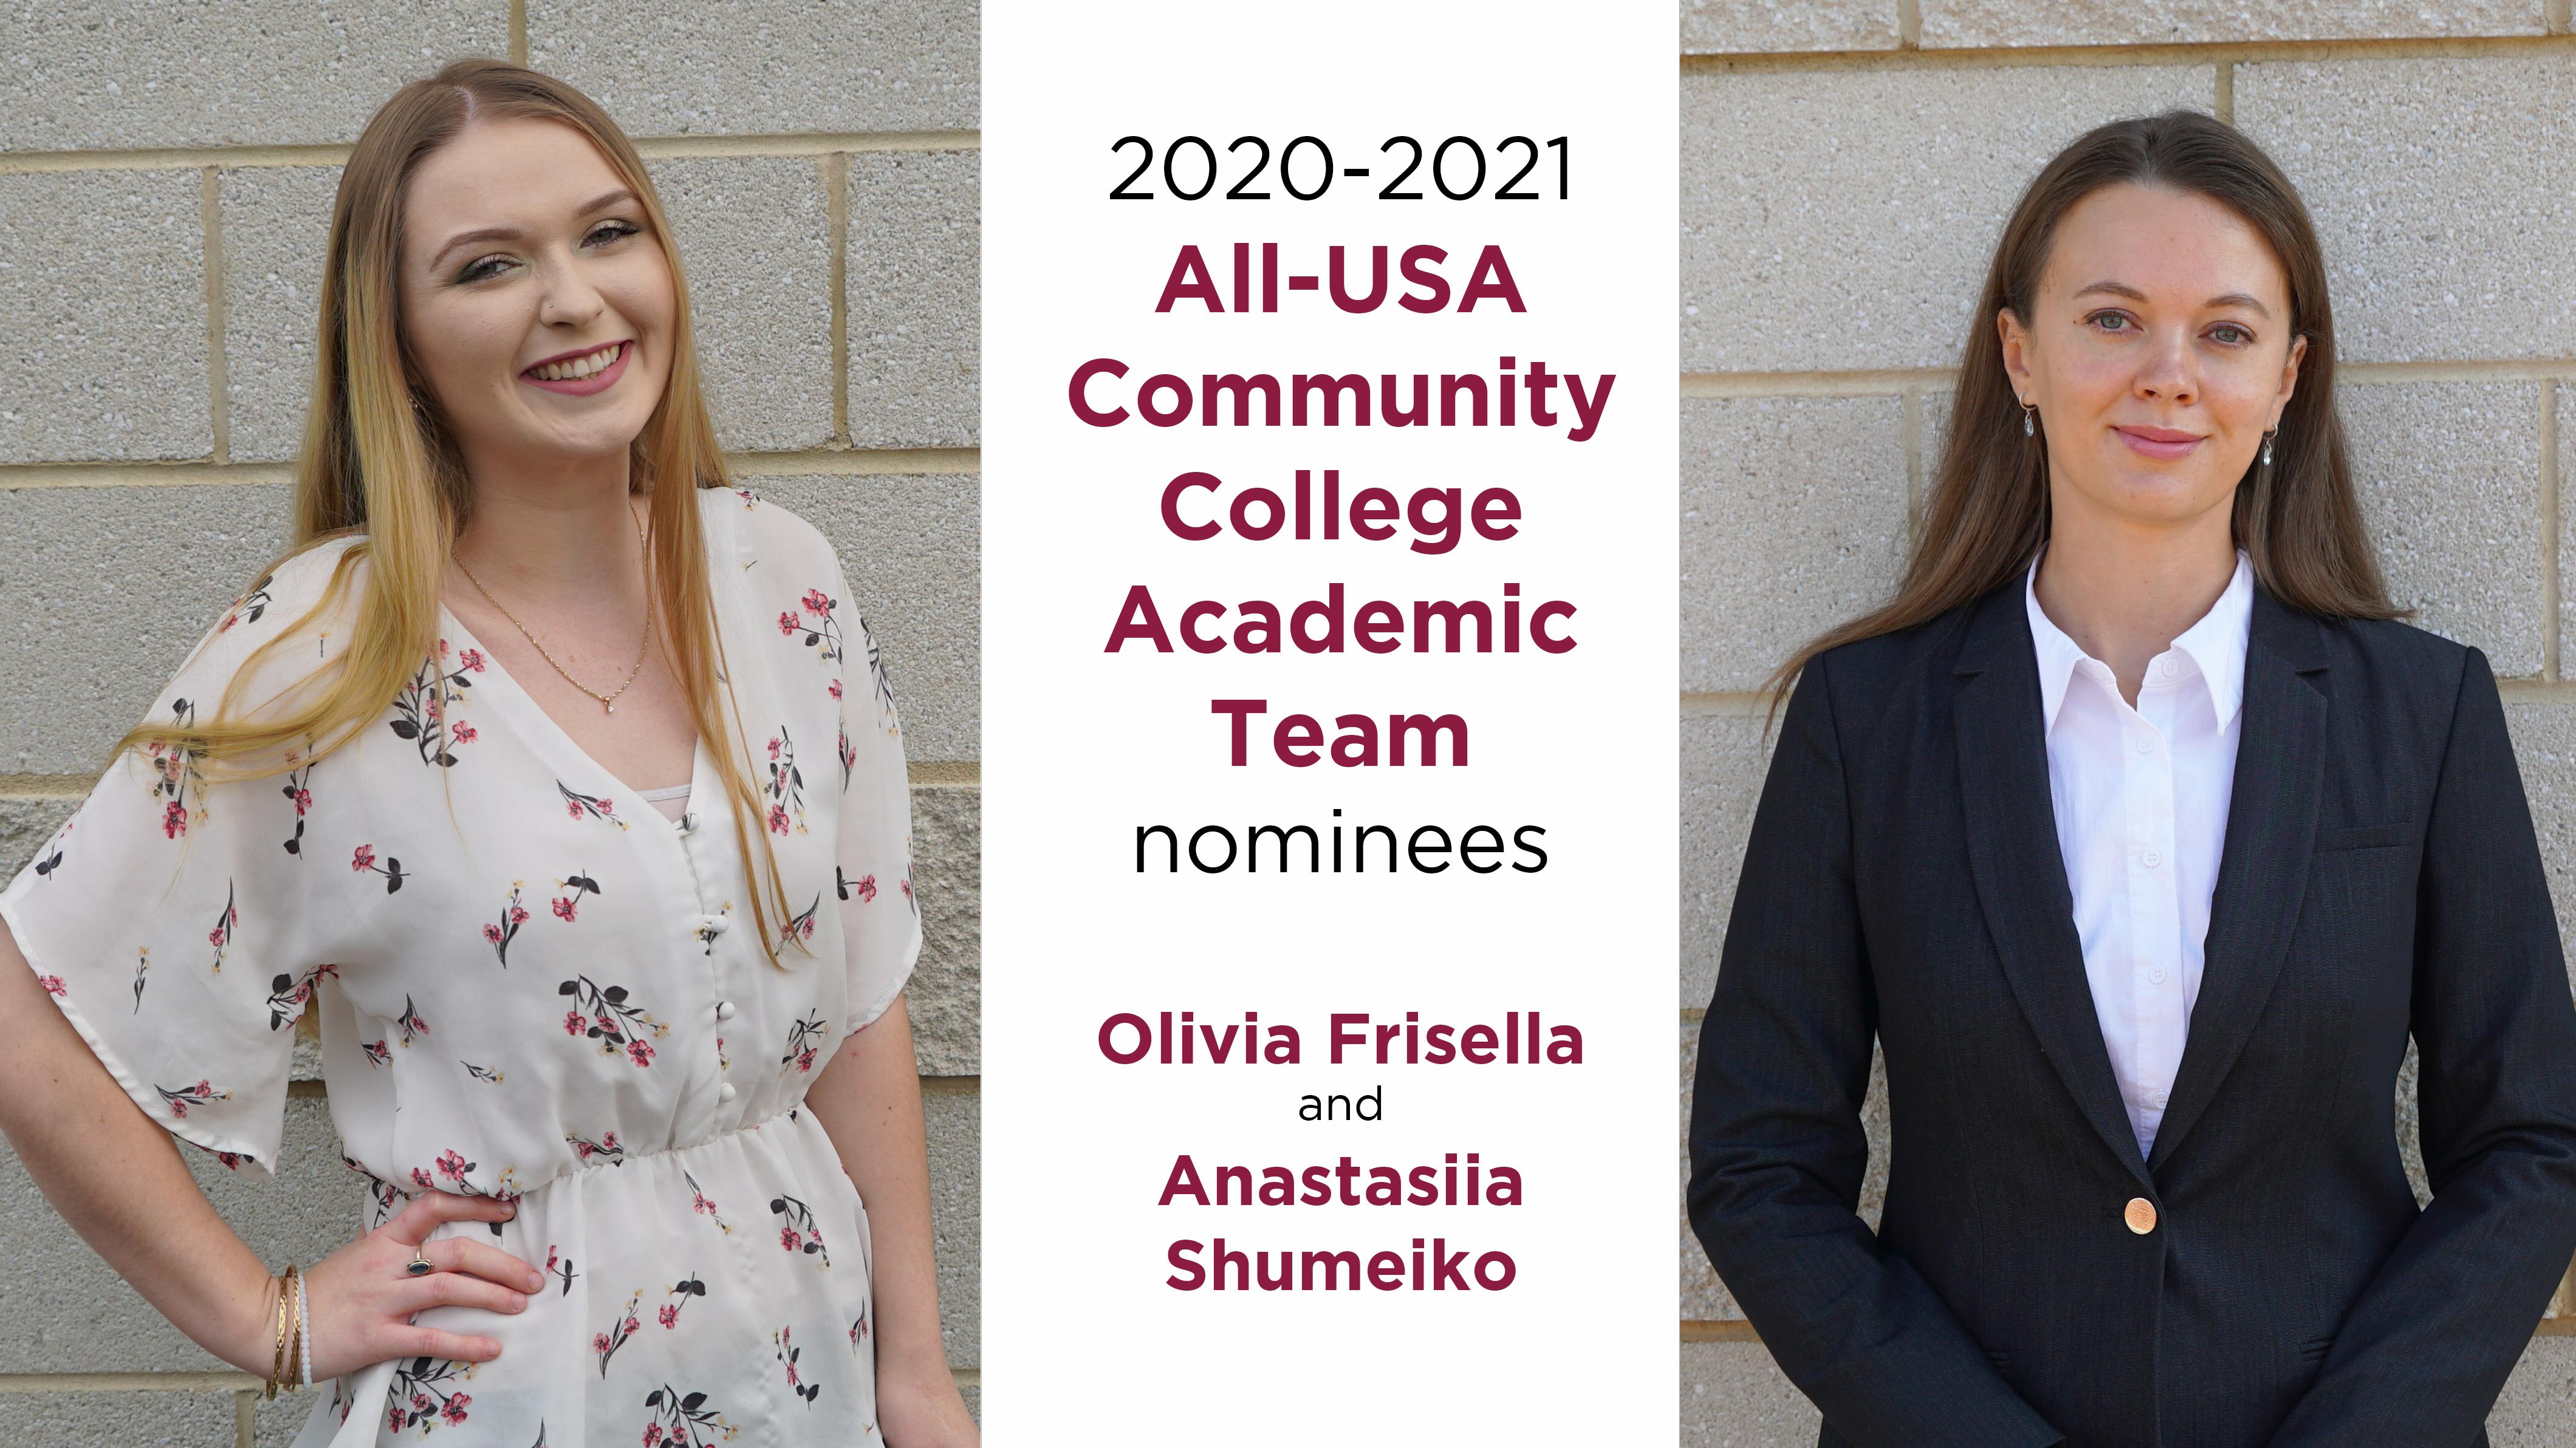 2020-2021 All-USA Community College  Academic Team nominees  Olivia Frisella   and  Anastasiia Shumeiko